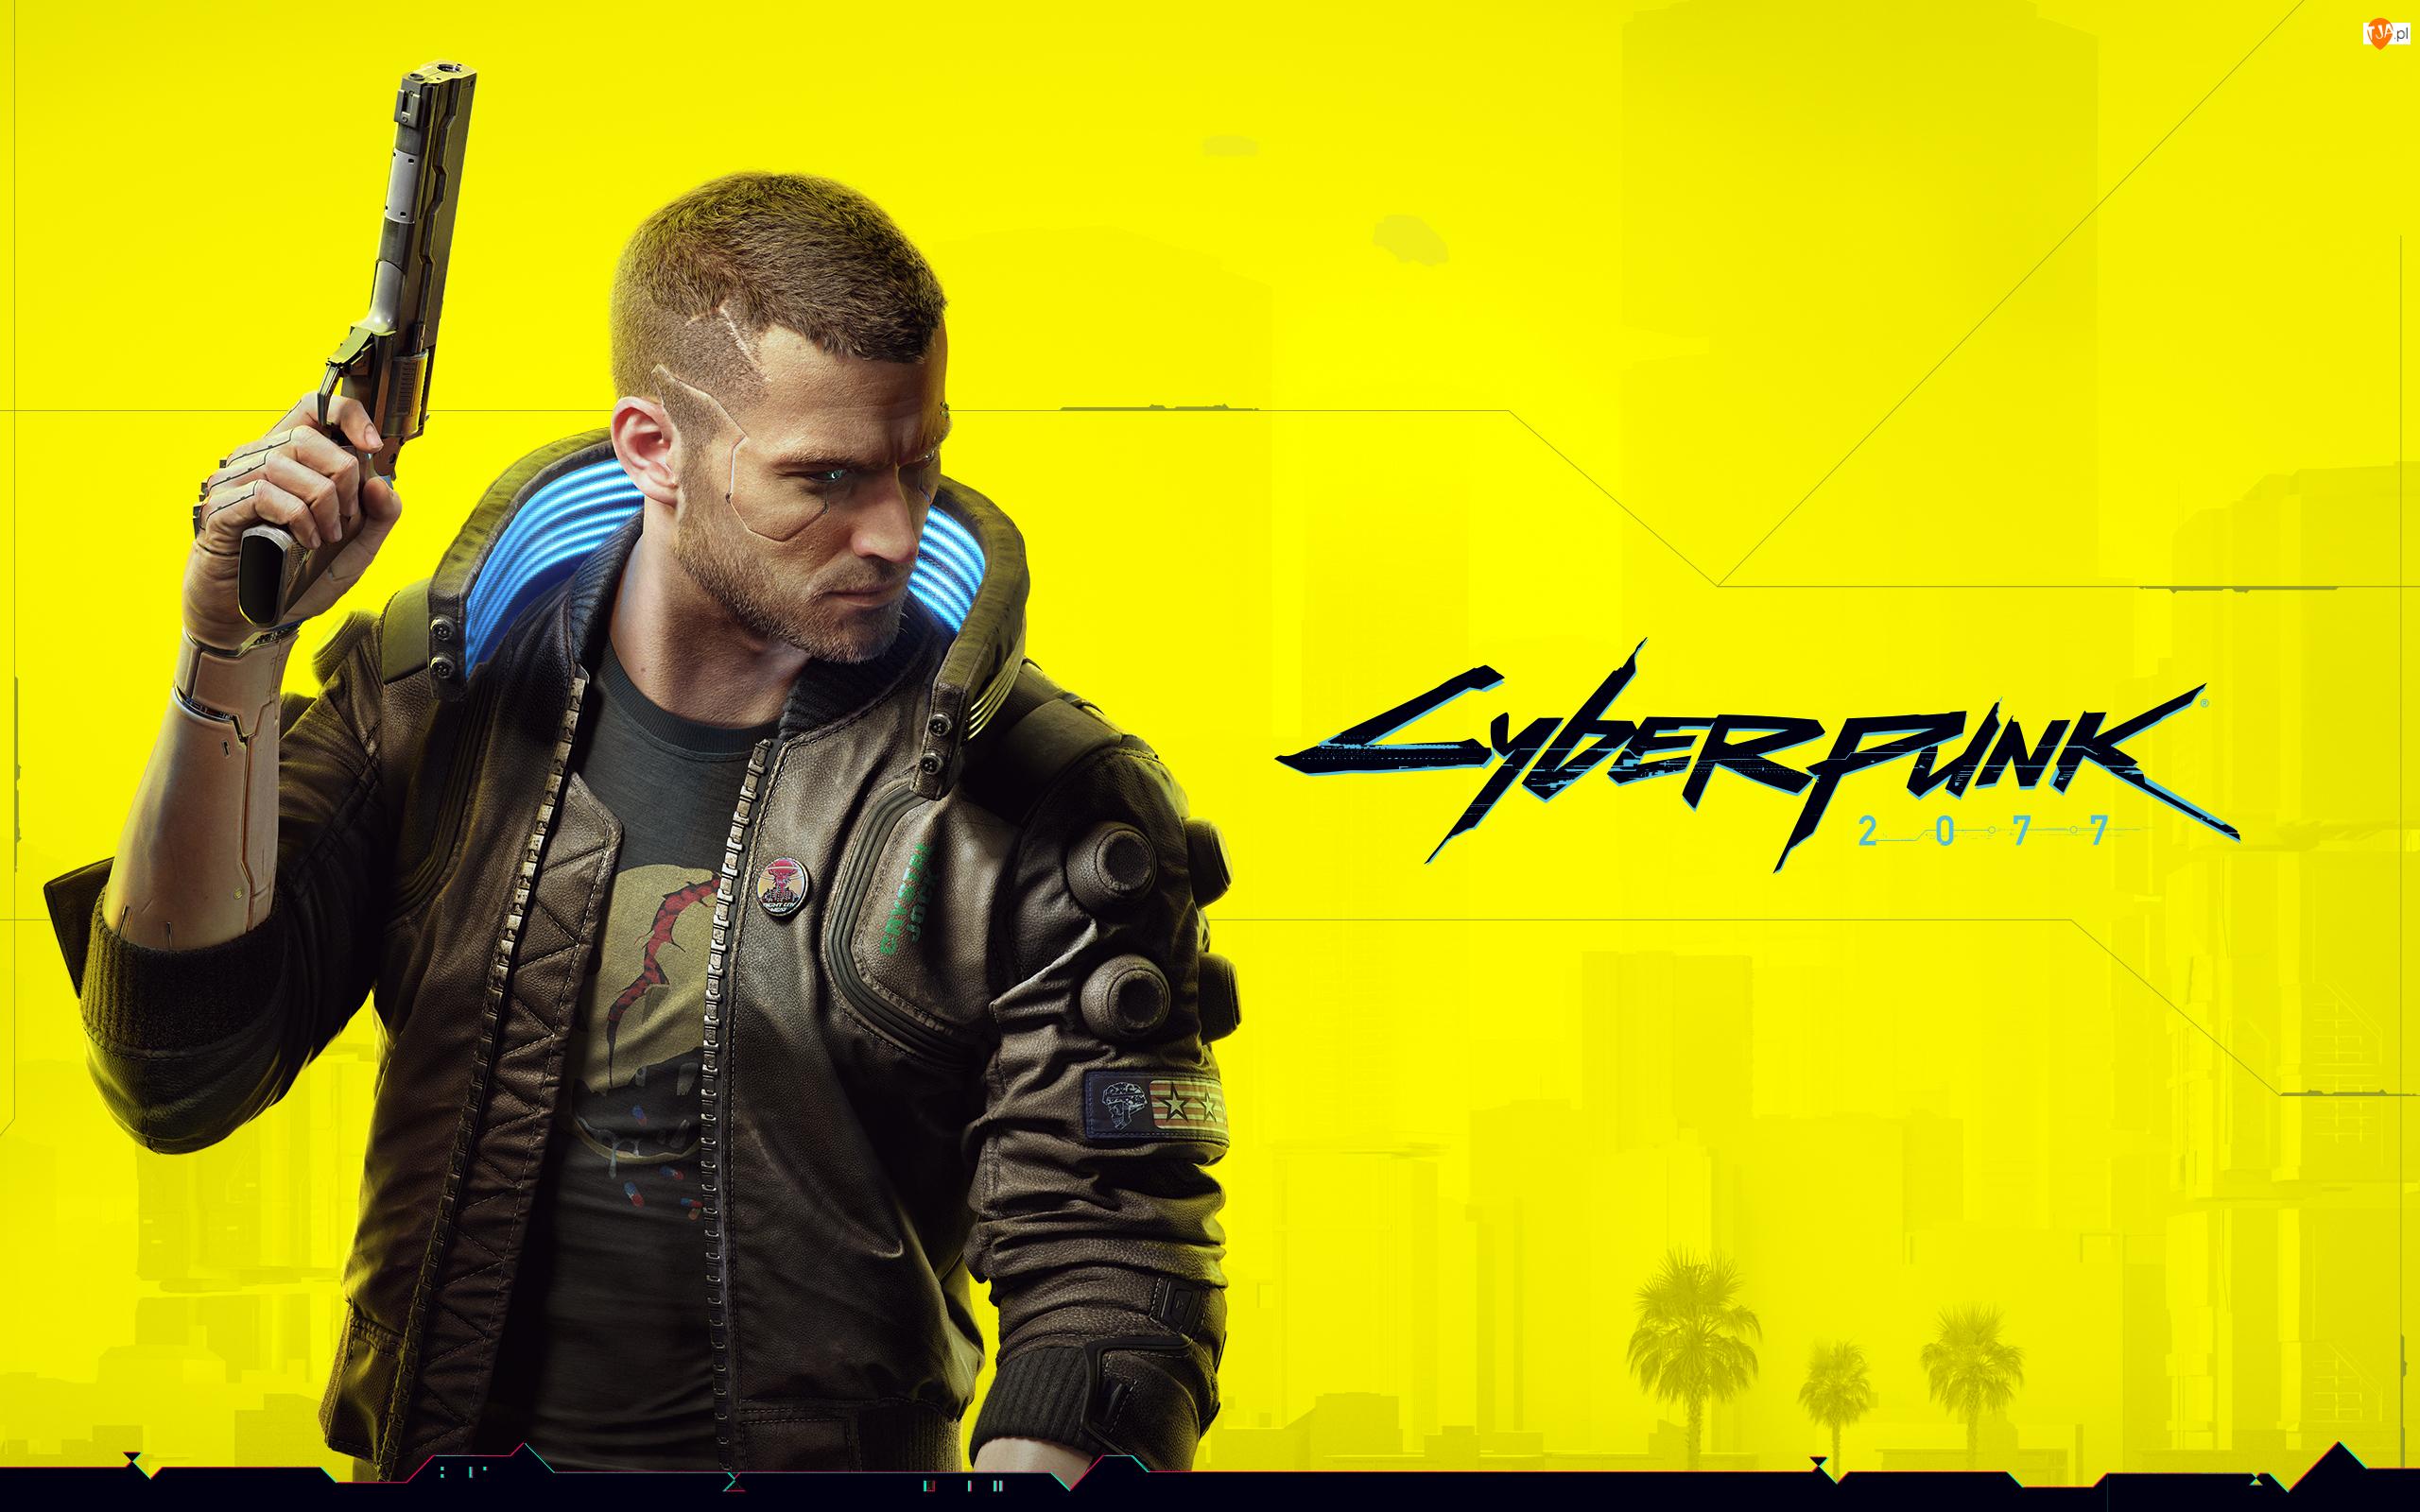 Pistolet, Cyberpunk 2077, Gra wideo, Postać